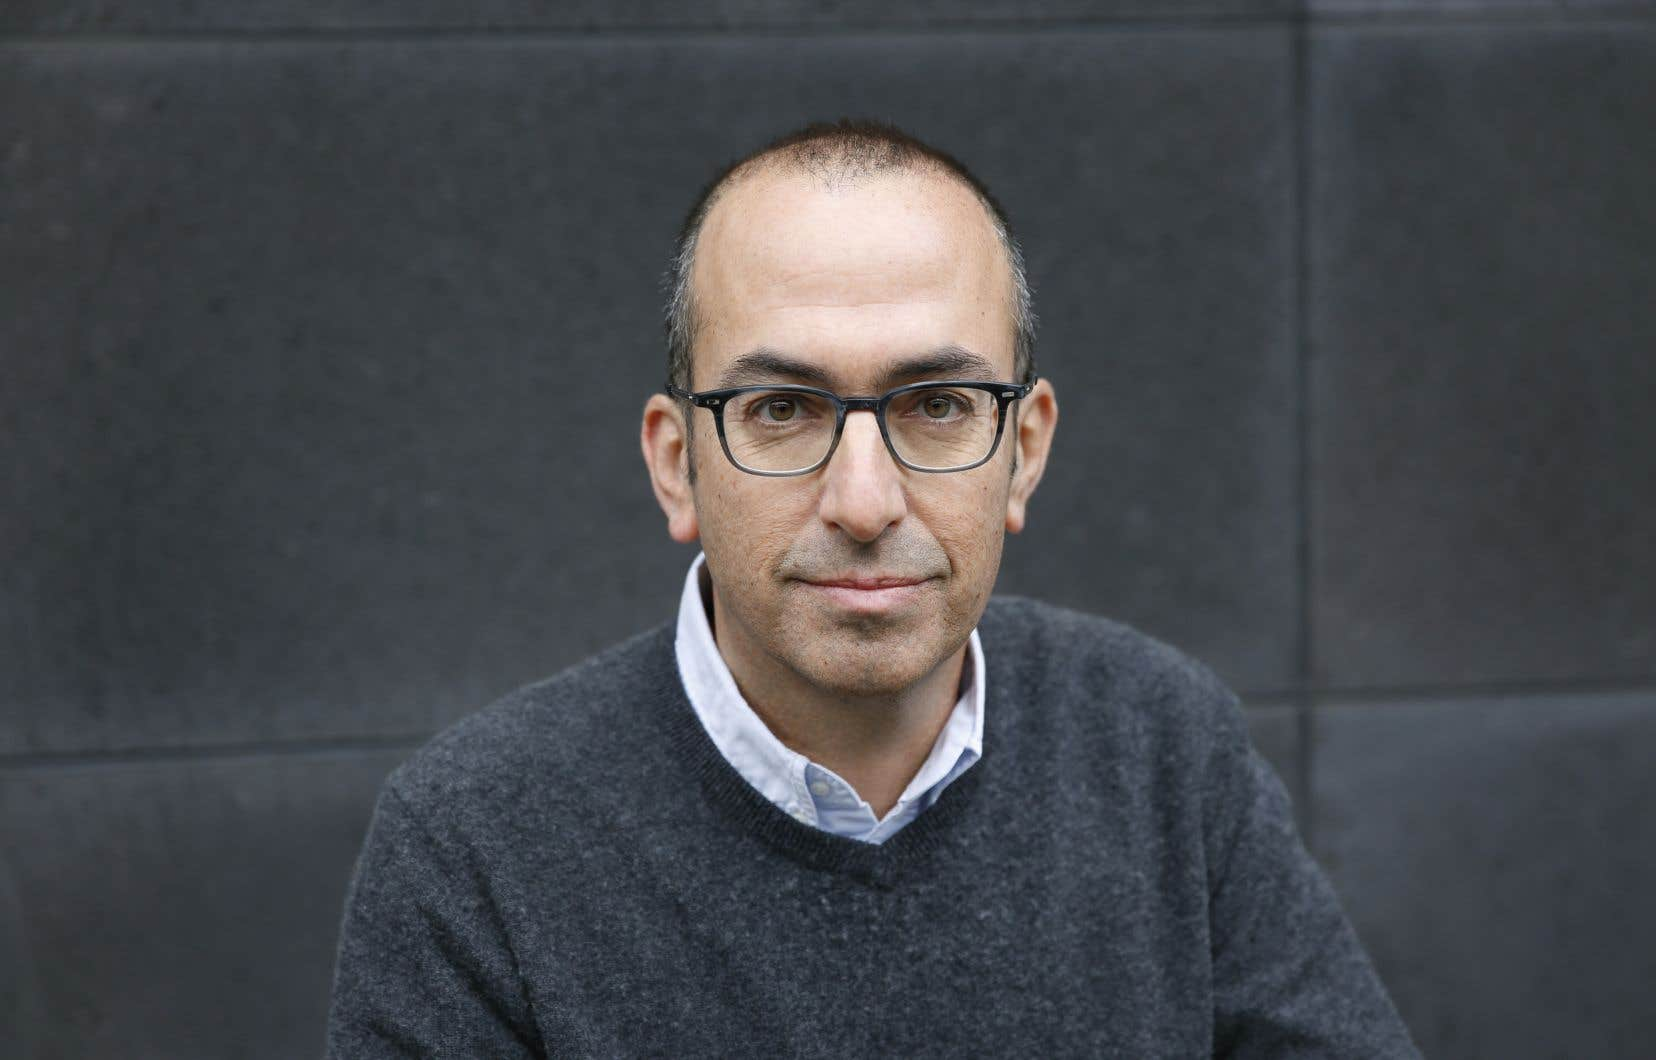 Yishaï Sarid publie une œuvre déchirante, entre pragmatisme, douleur et déni.